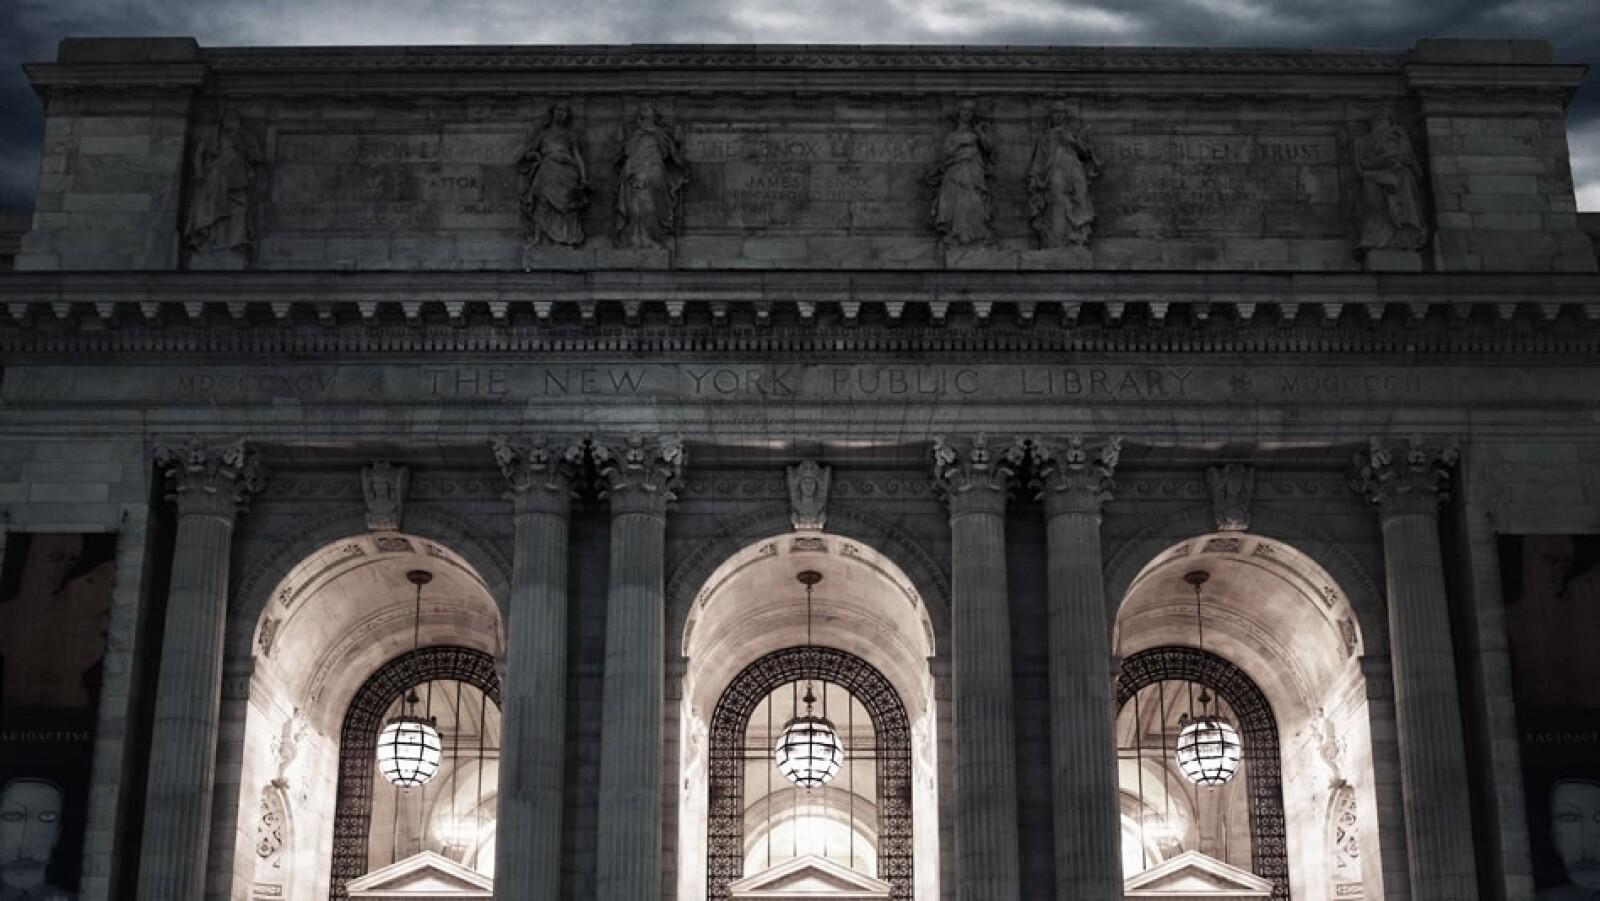 Por 50,000 dólares podrás rentar uno de los salones dentro de la histórica Biblioteca Pública de Nueva York con capacidad para 425 invitados